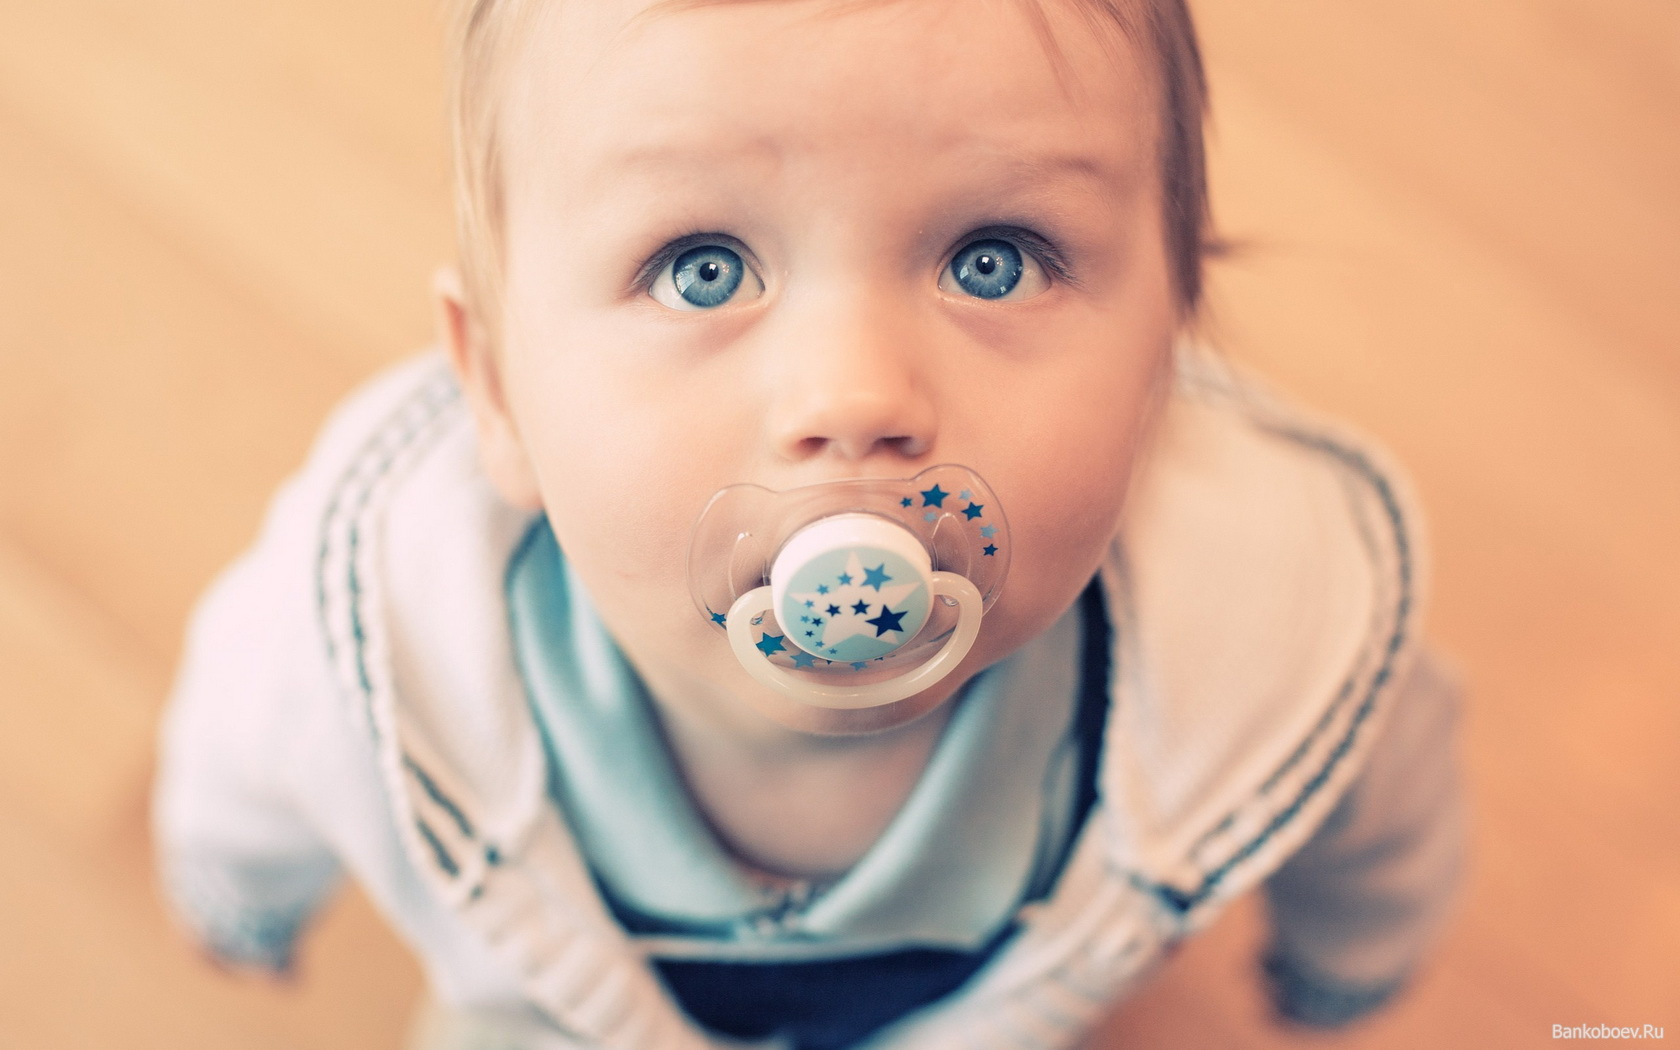 Соска может препятствовать проявлению эмоций у детей